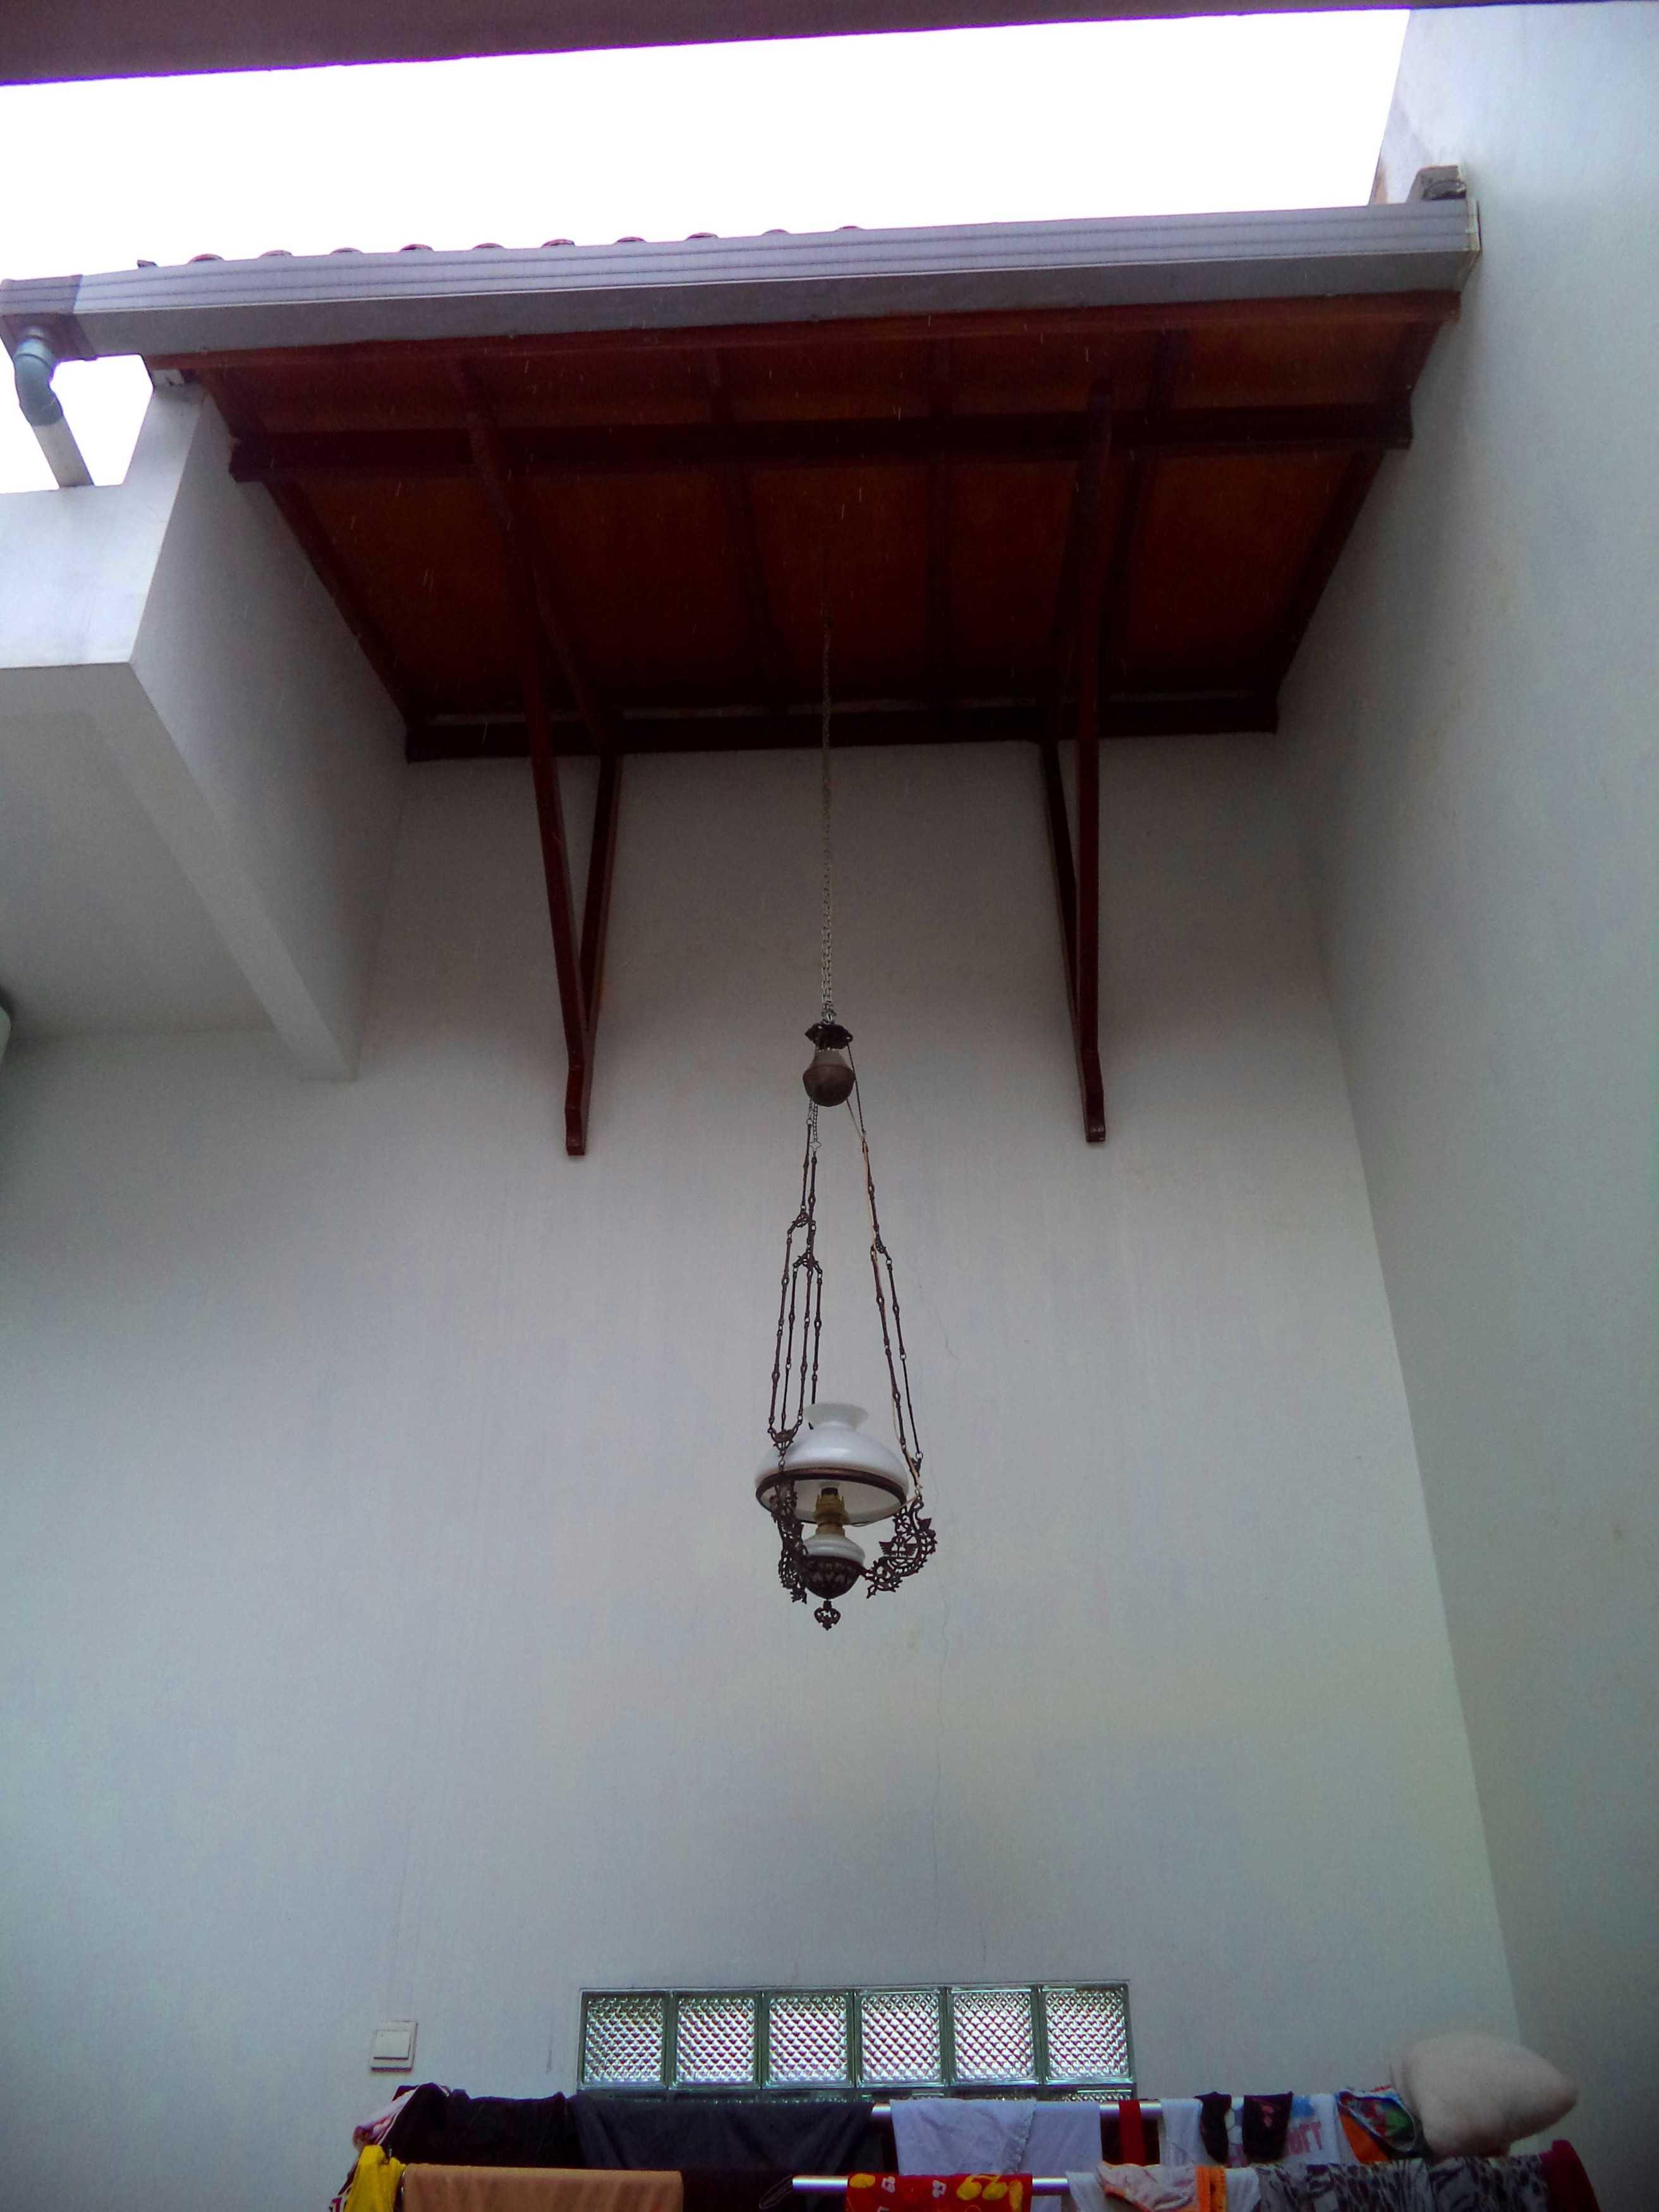 Yasa+ A-House Kec. Pamulang, Kota Tangerang Selatan, Banten, Indonesia Kec. Pamulang, Kota Tangerang Selatan, Banten, Indonesia Yasa-A-House   92275